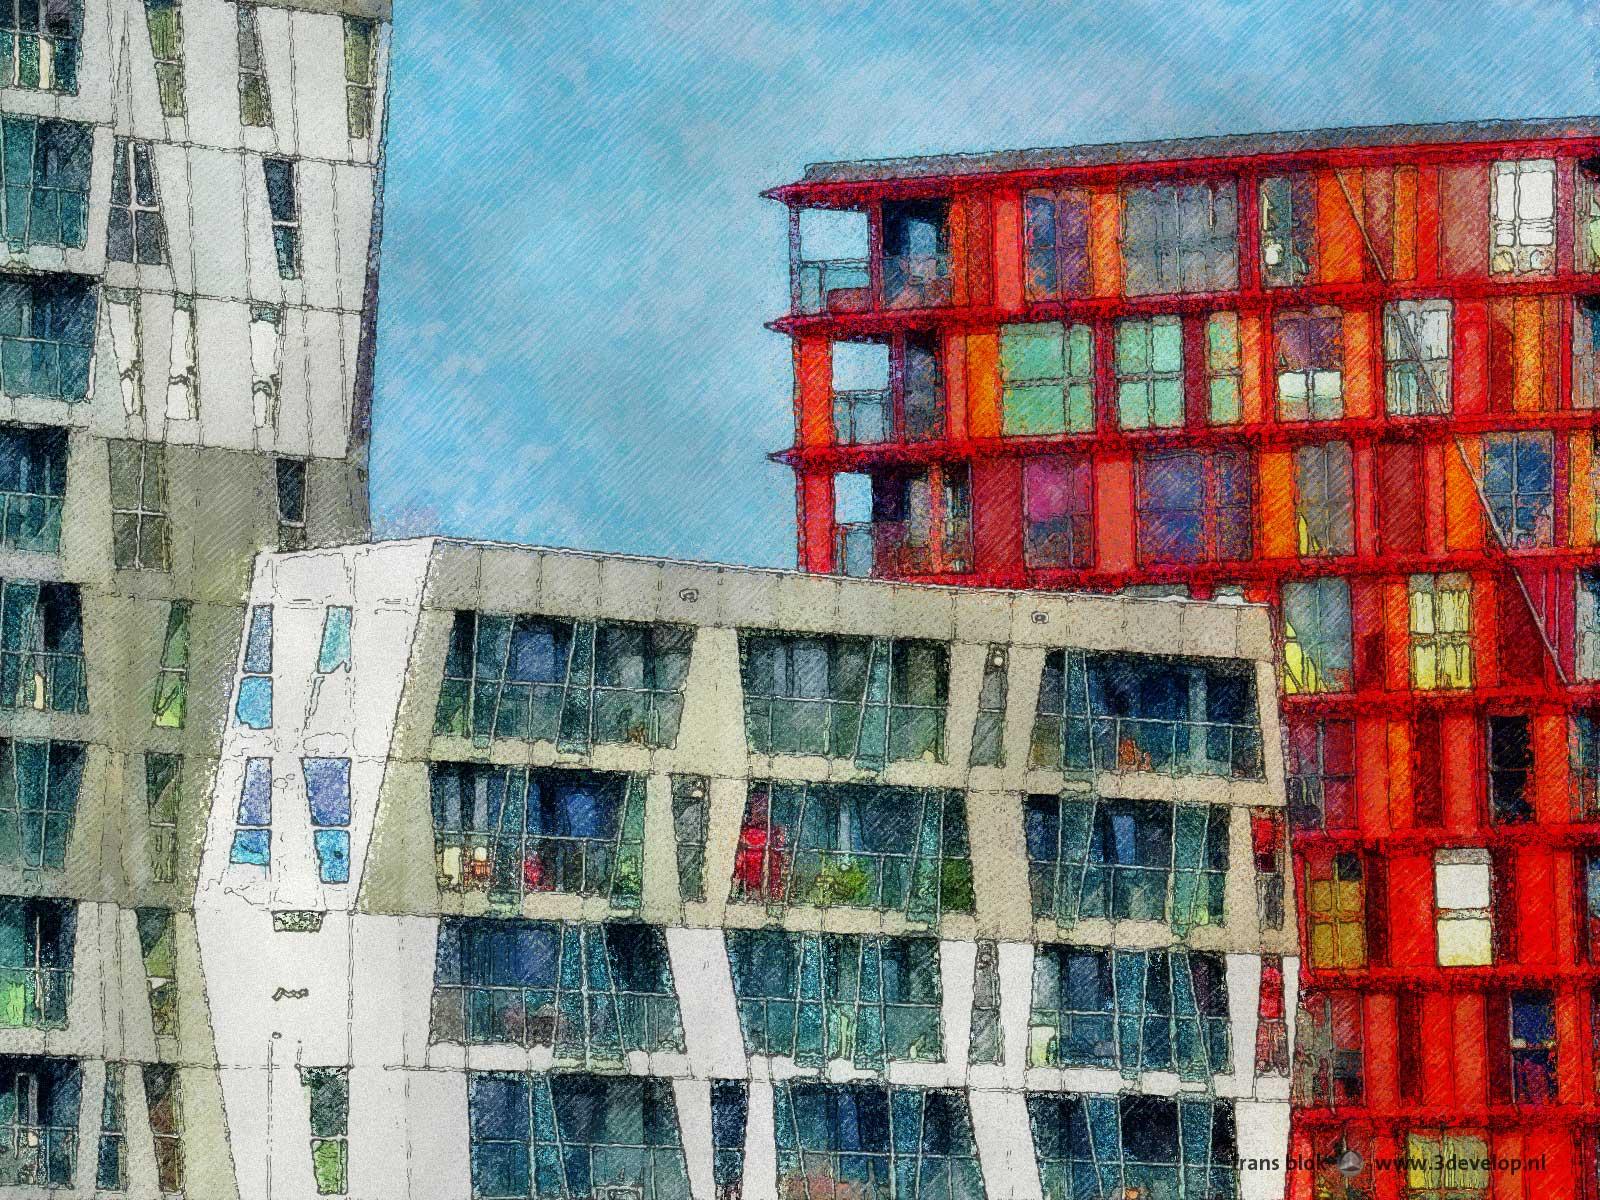 Verschilderde detailfoto van het Calypso-gebouw in Rotterdam door William Alsop, gezien vanaf het Schouwburgplein